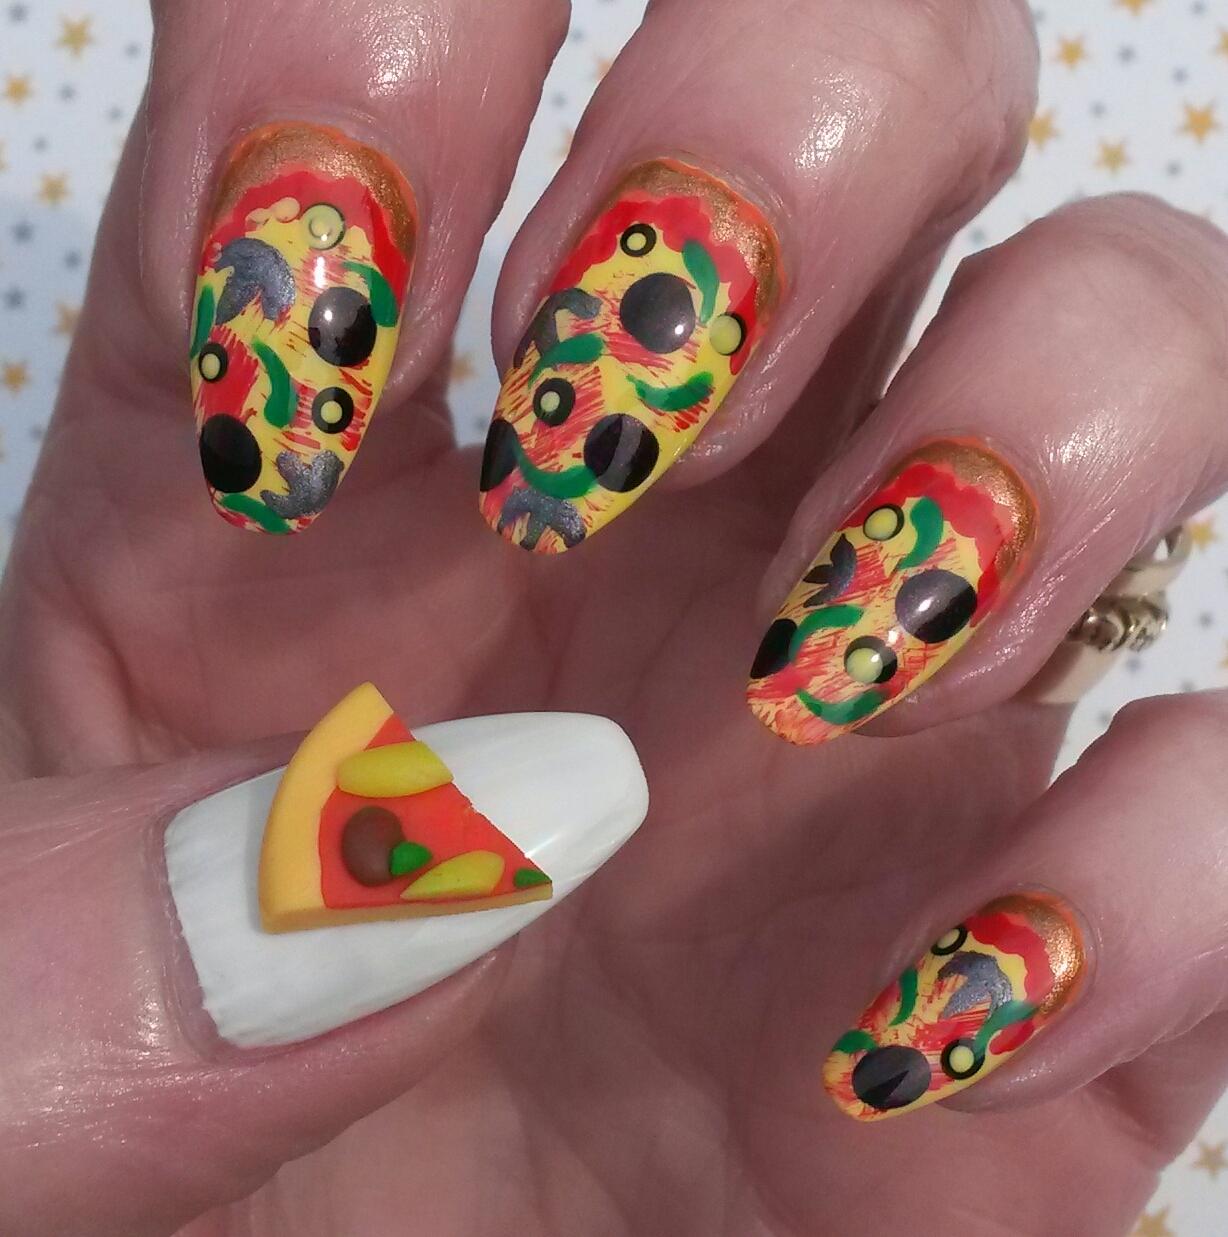 Bite No More: Charlies Nail Art Review